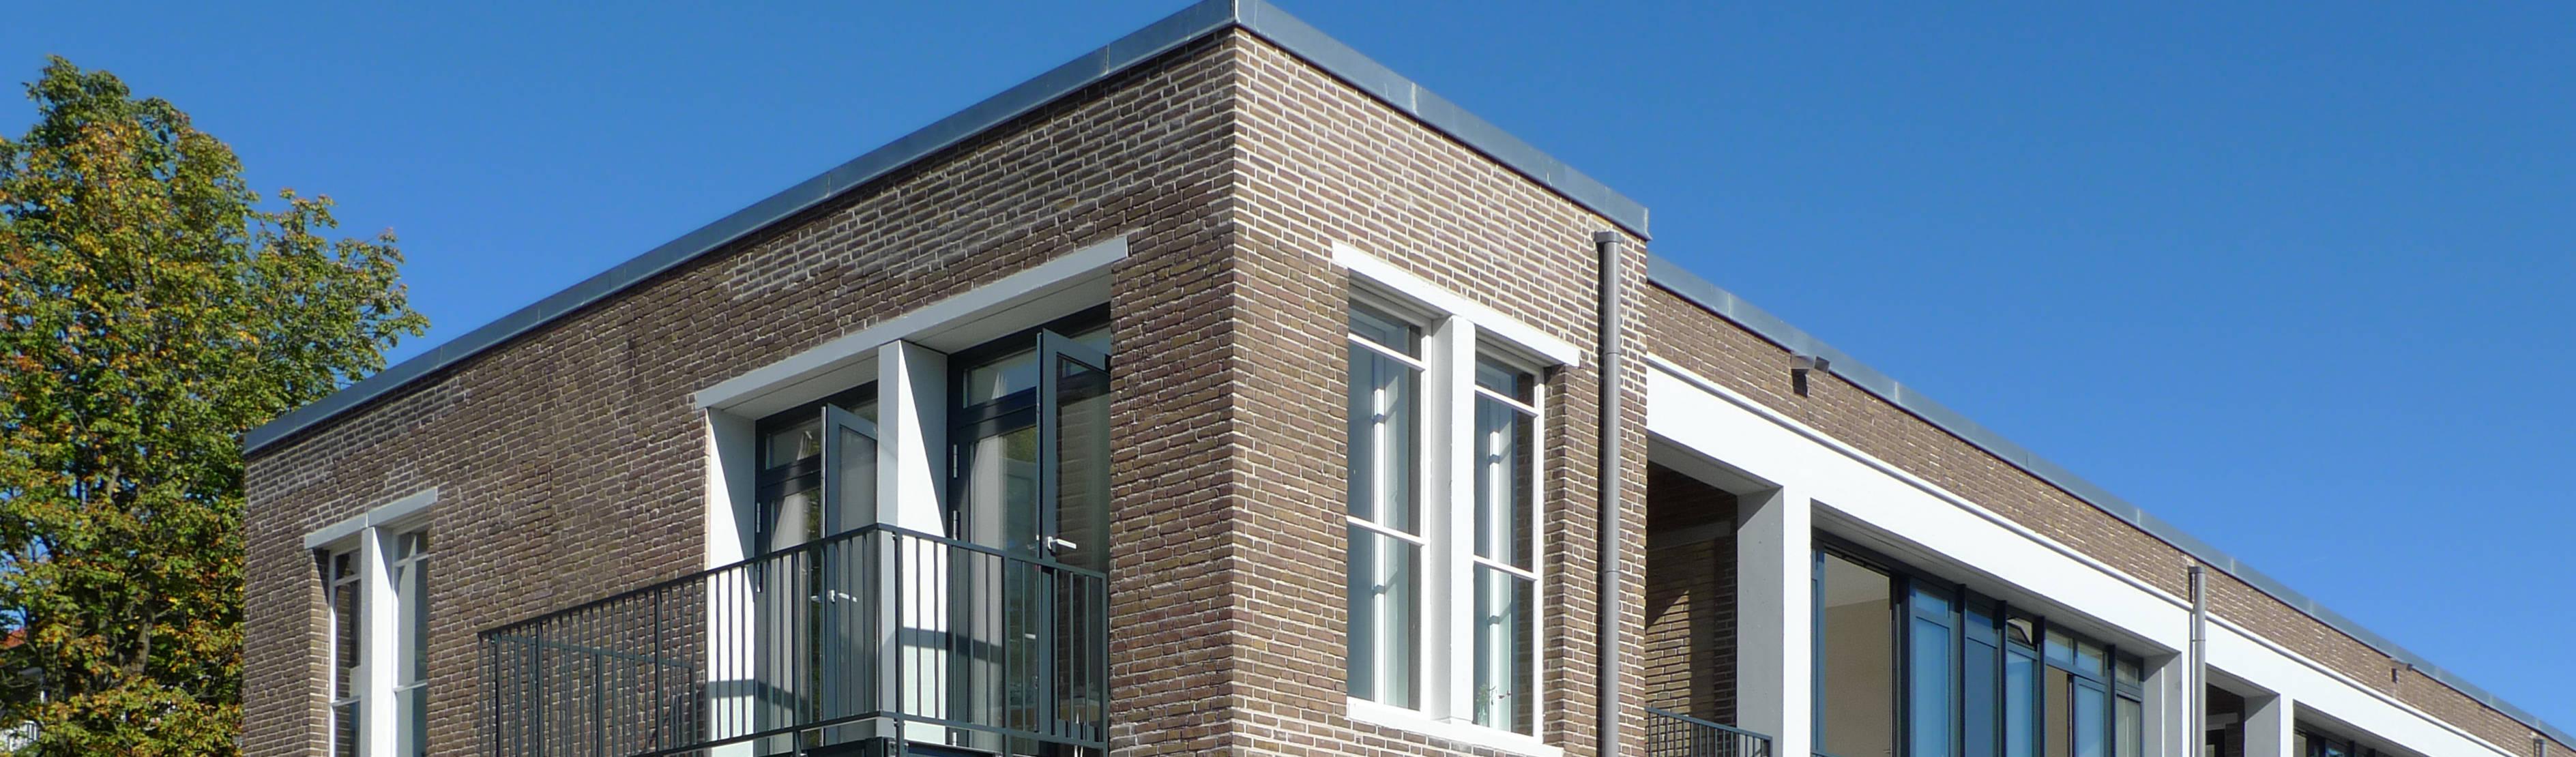 Hulshof Architecten bv